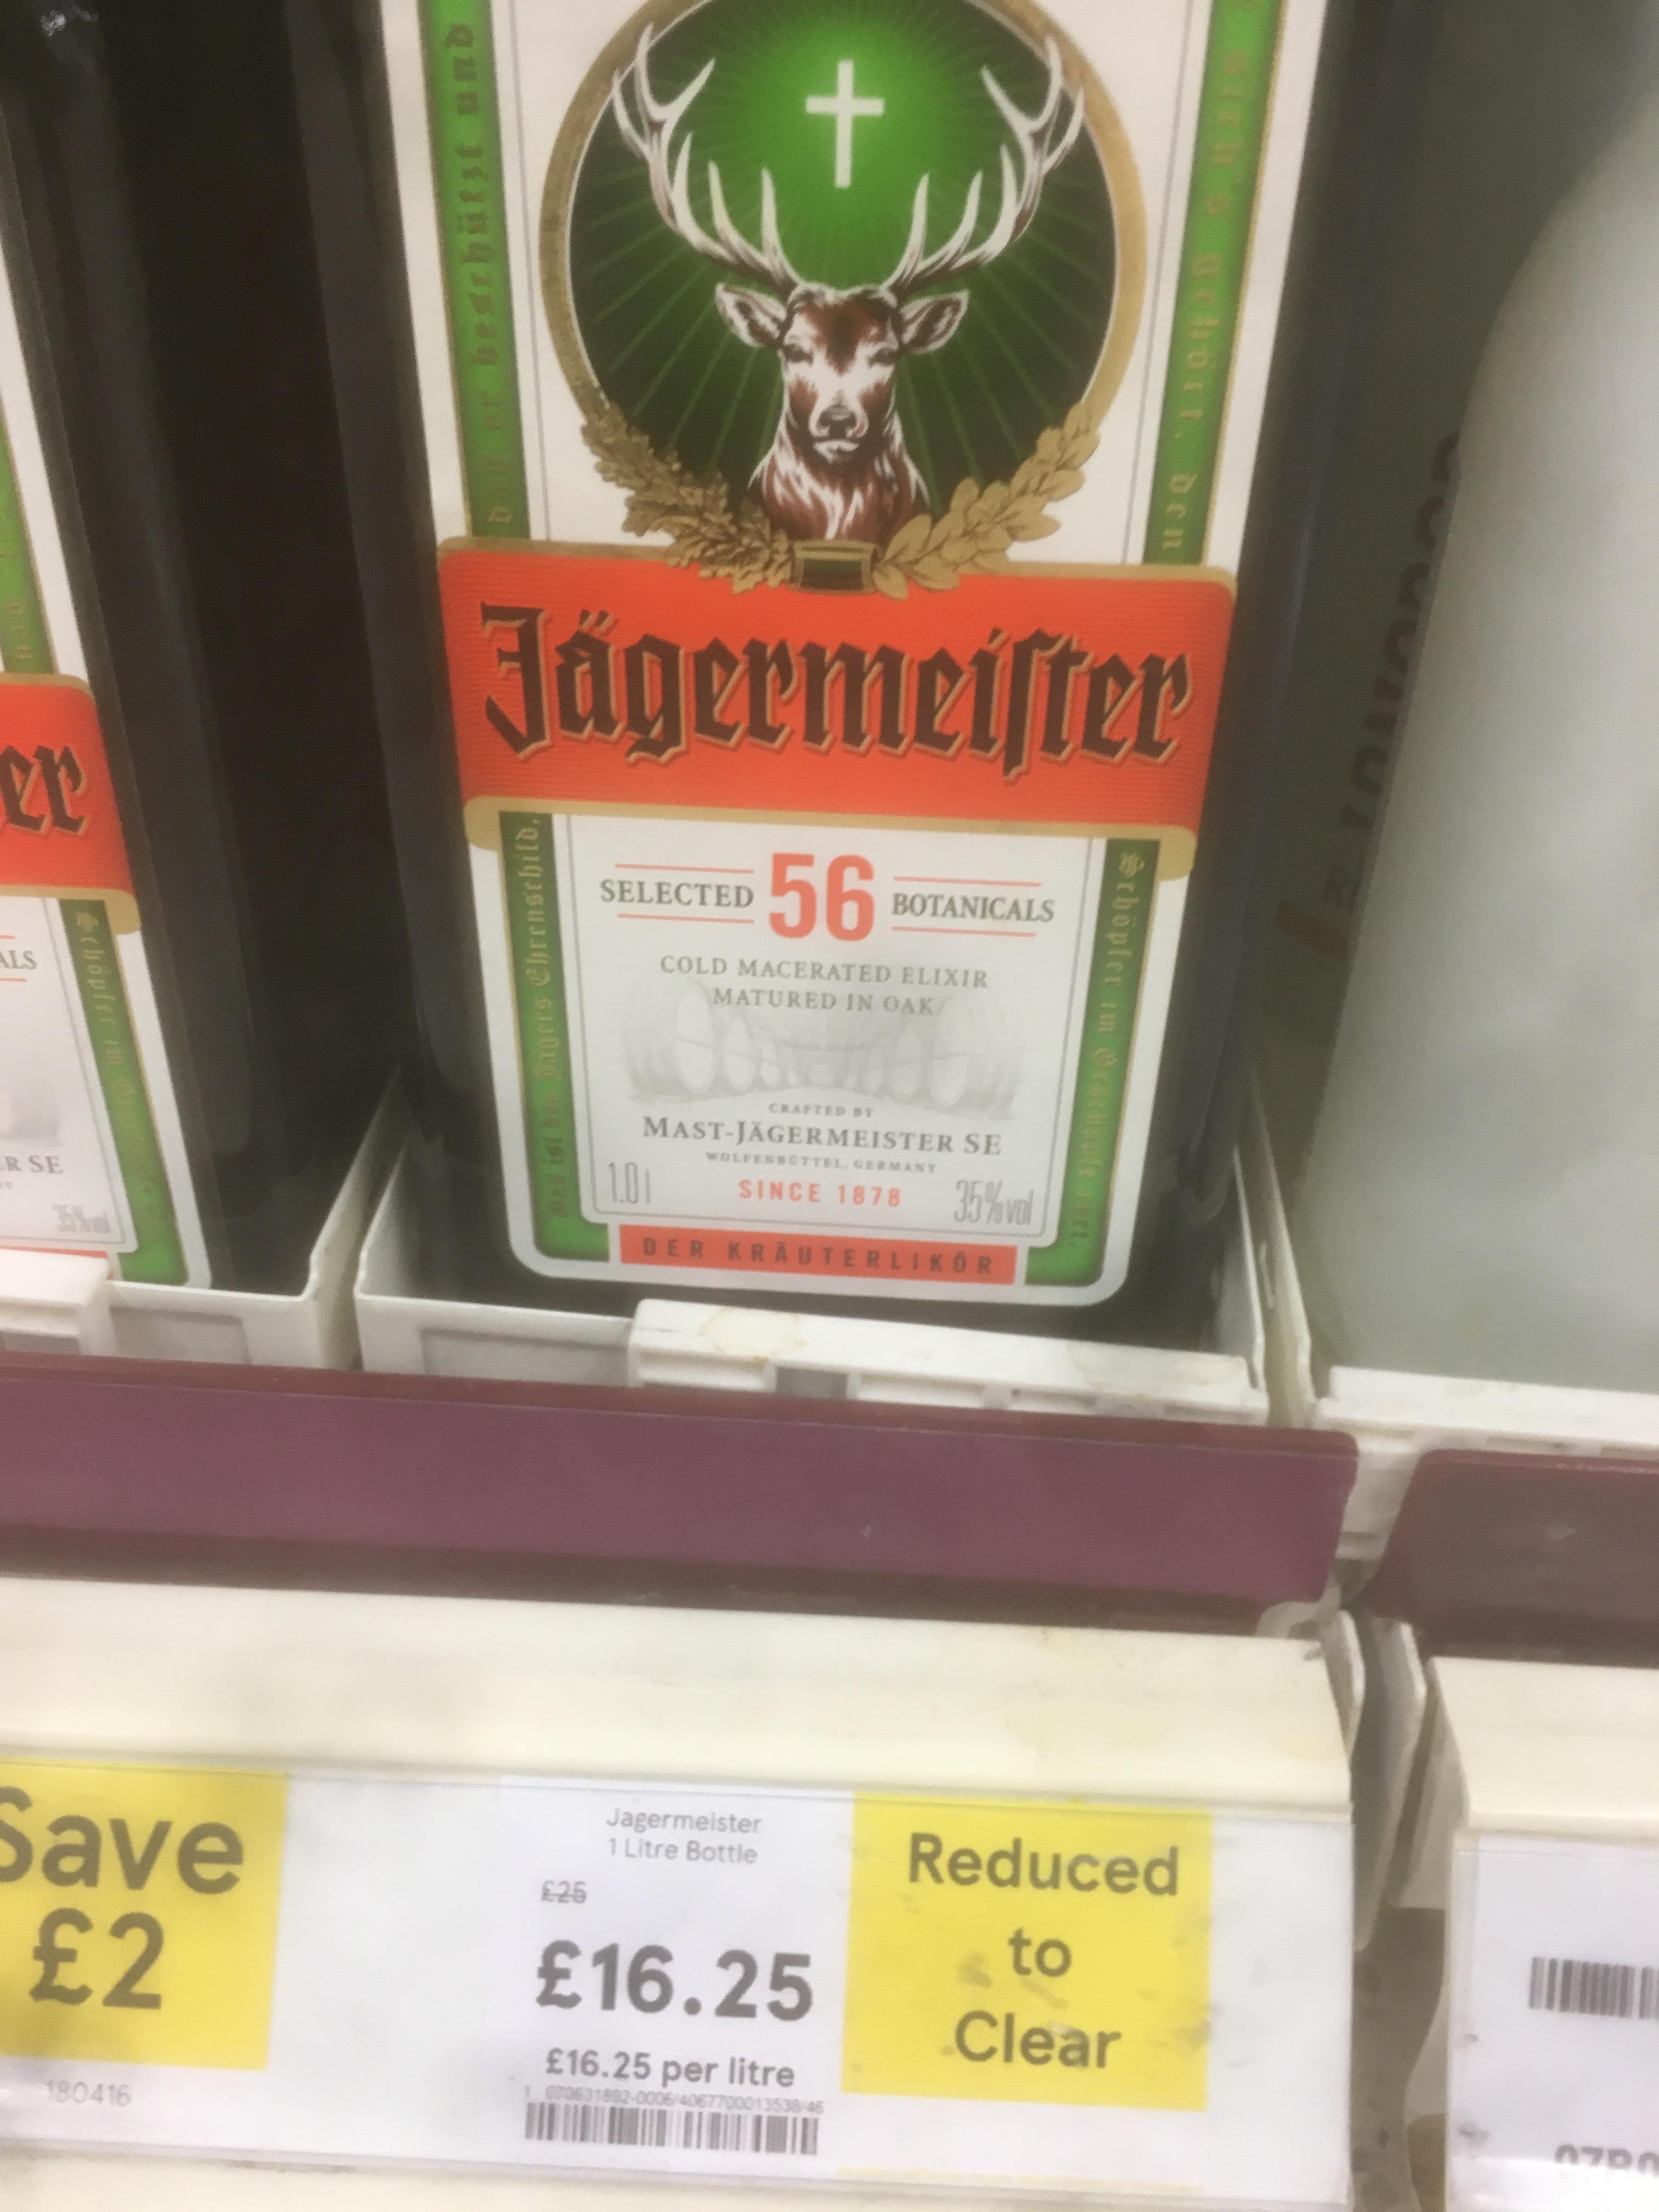 Jagermeister - 1 litre bottles - Tesco instore - £16.28